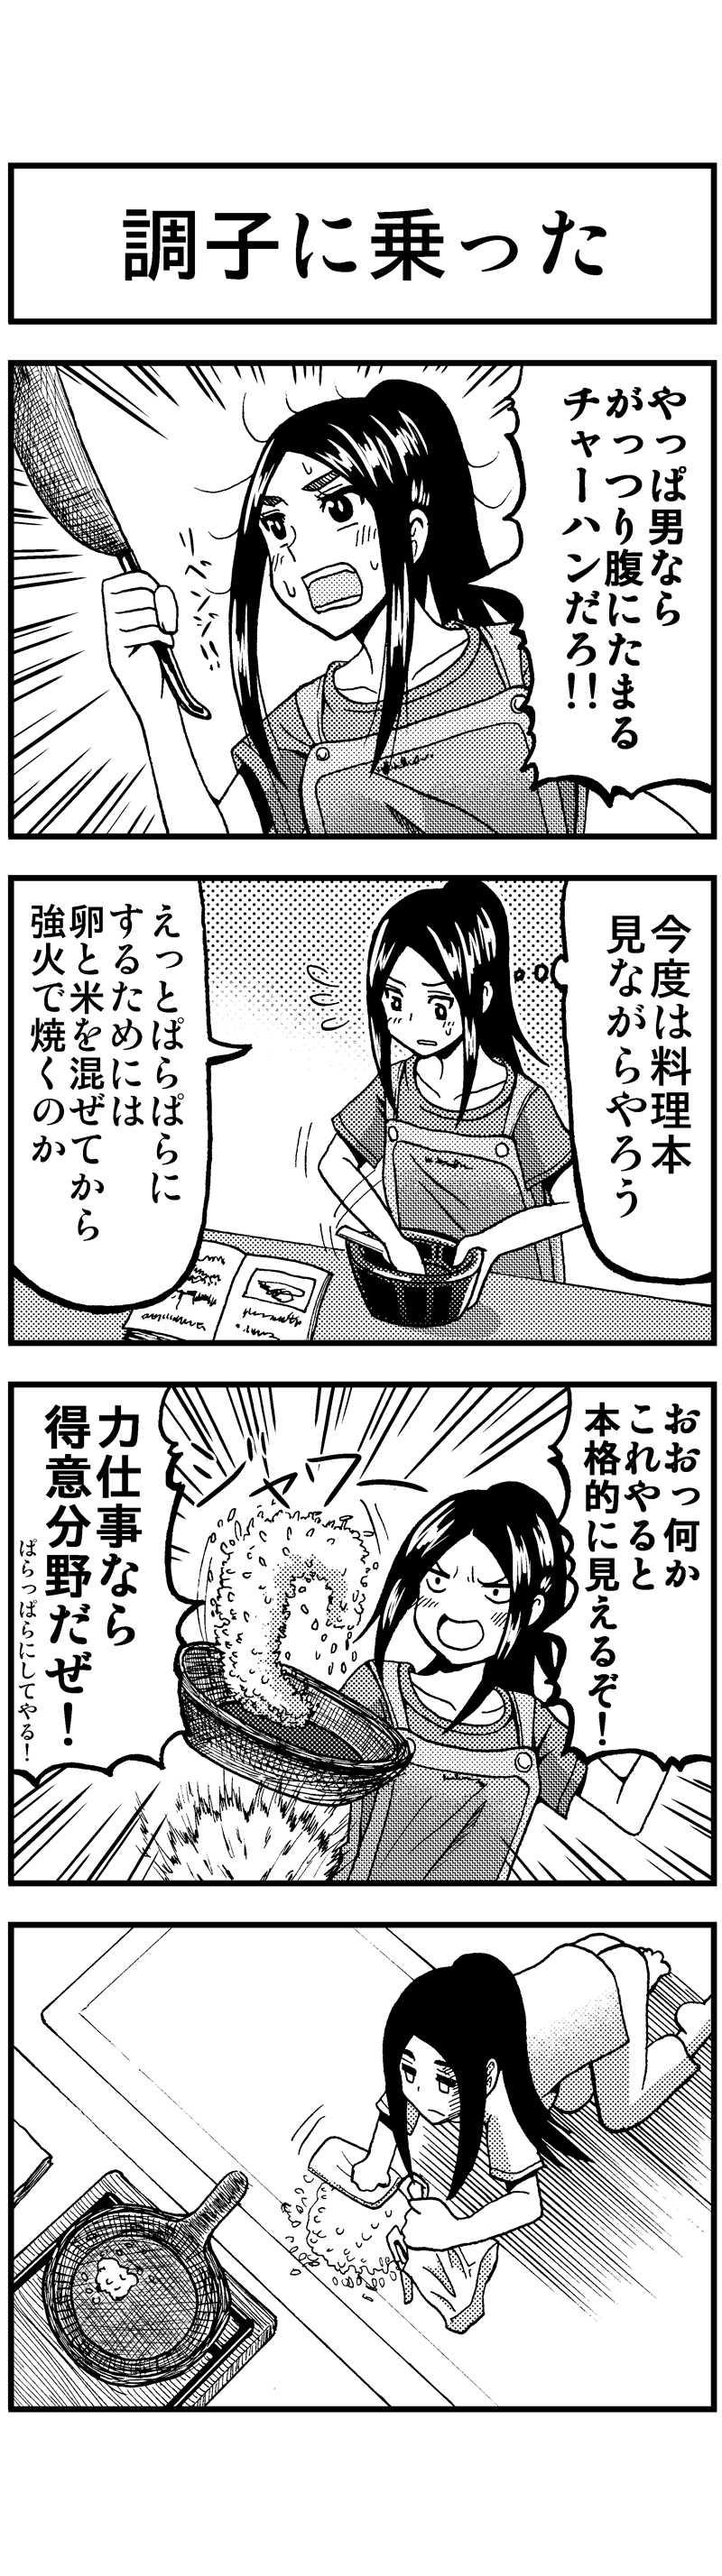 『料理を作るぞ』